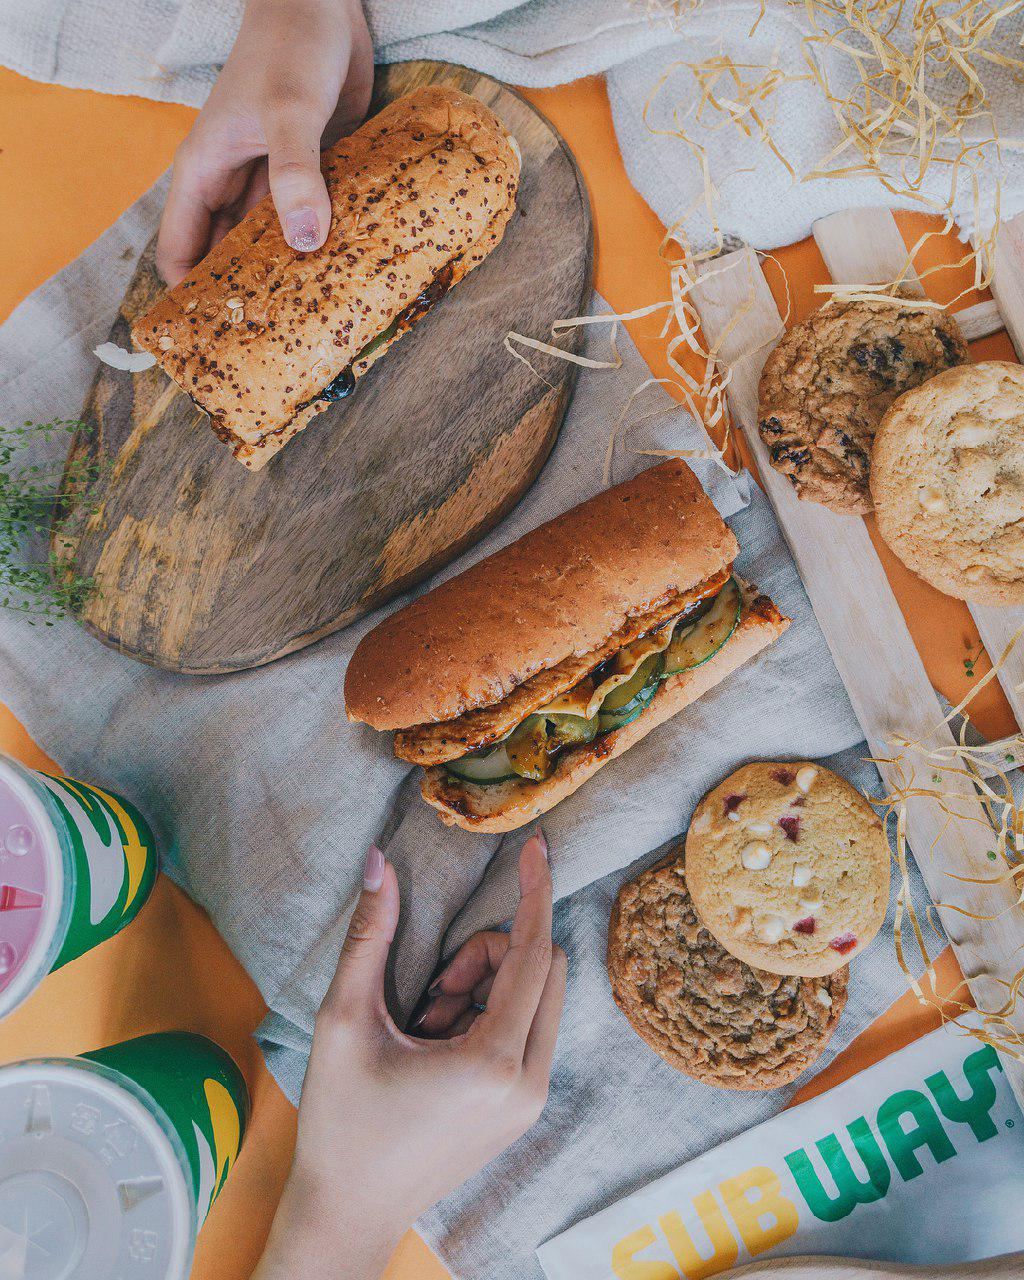 Jewel Halal Food - Subway